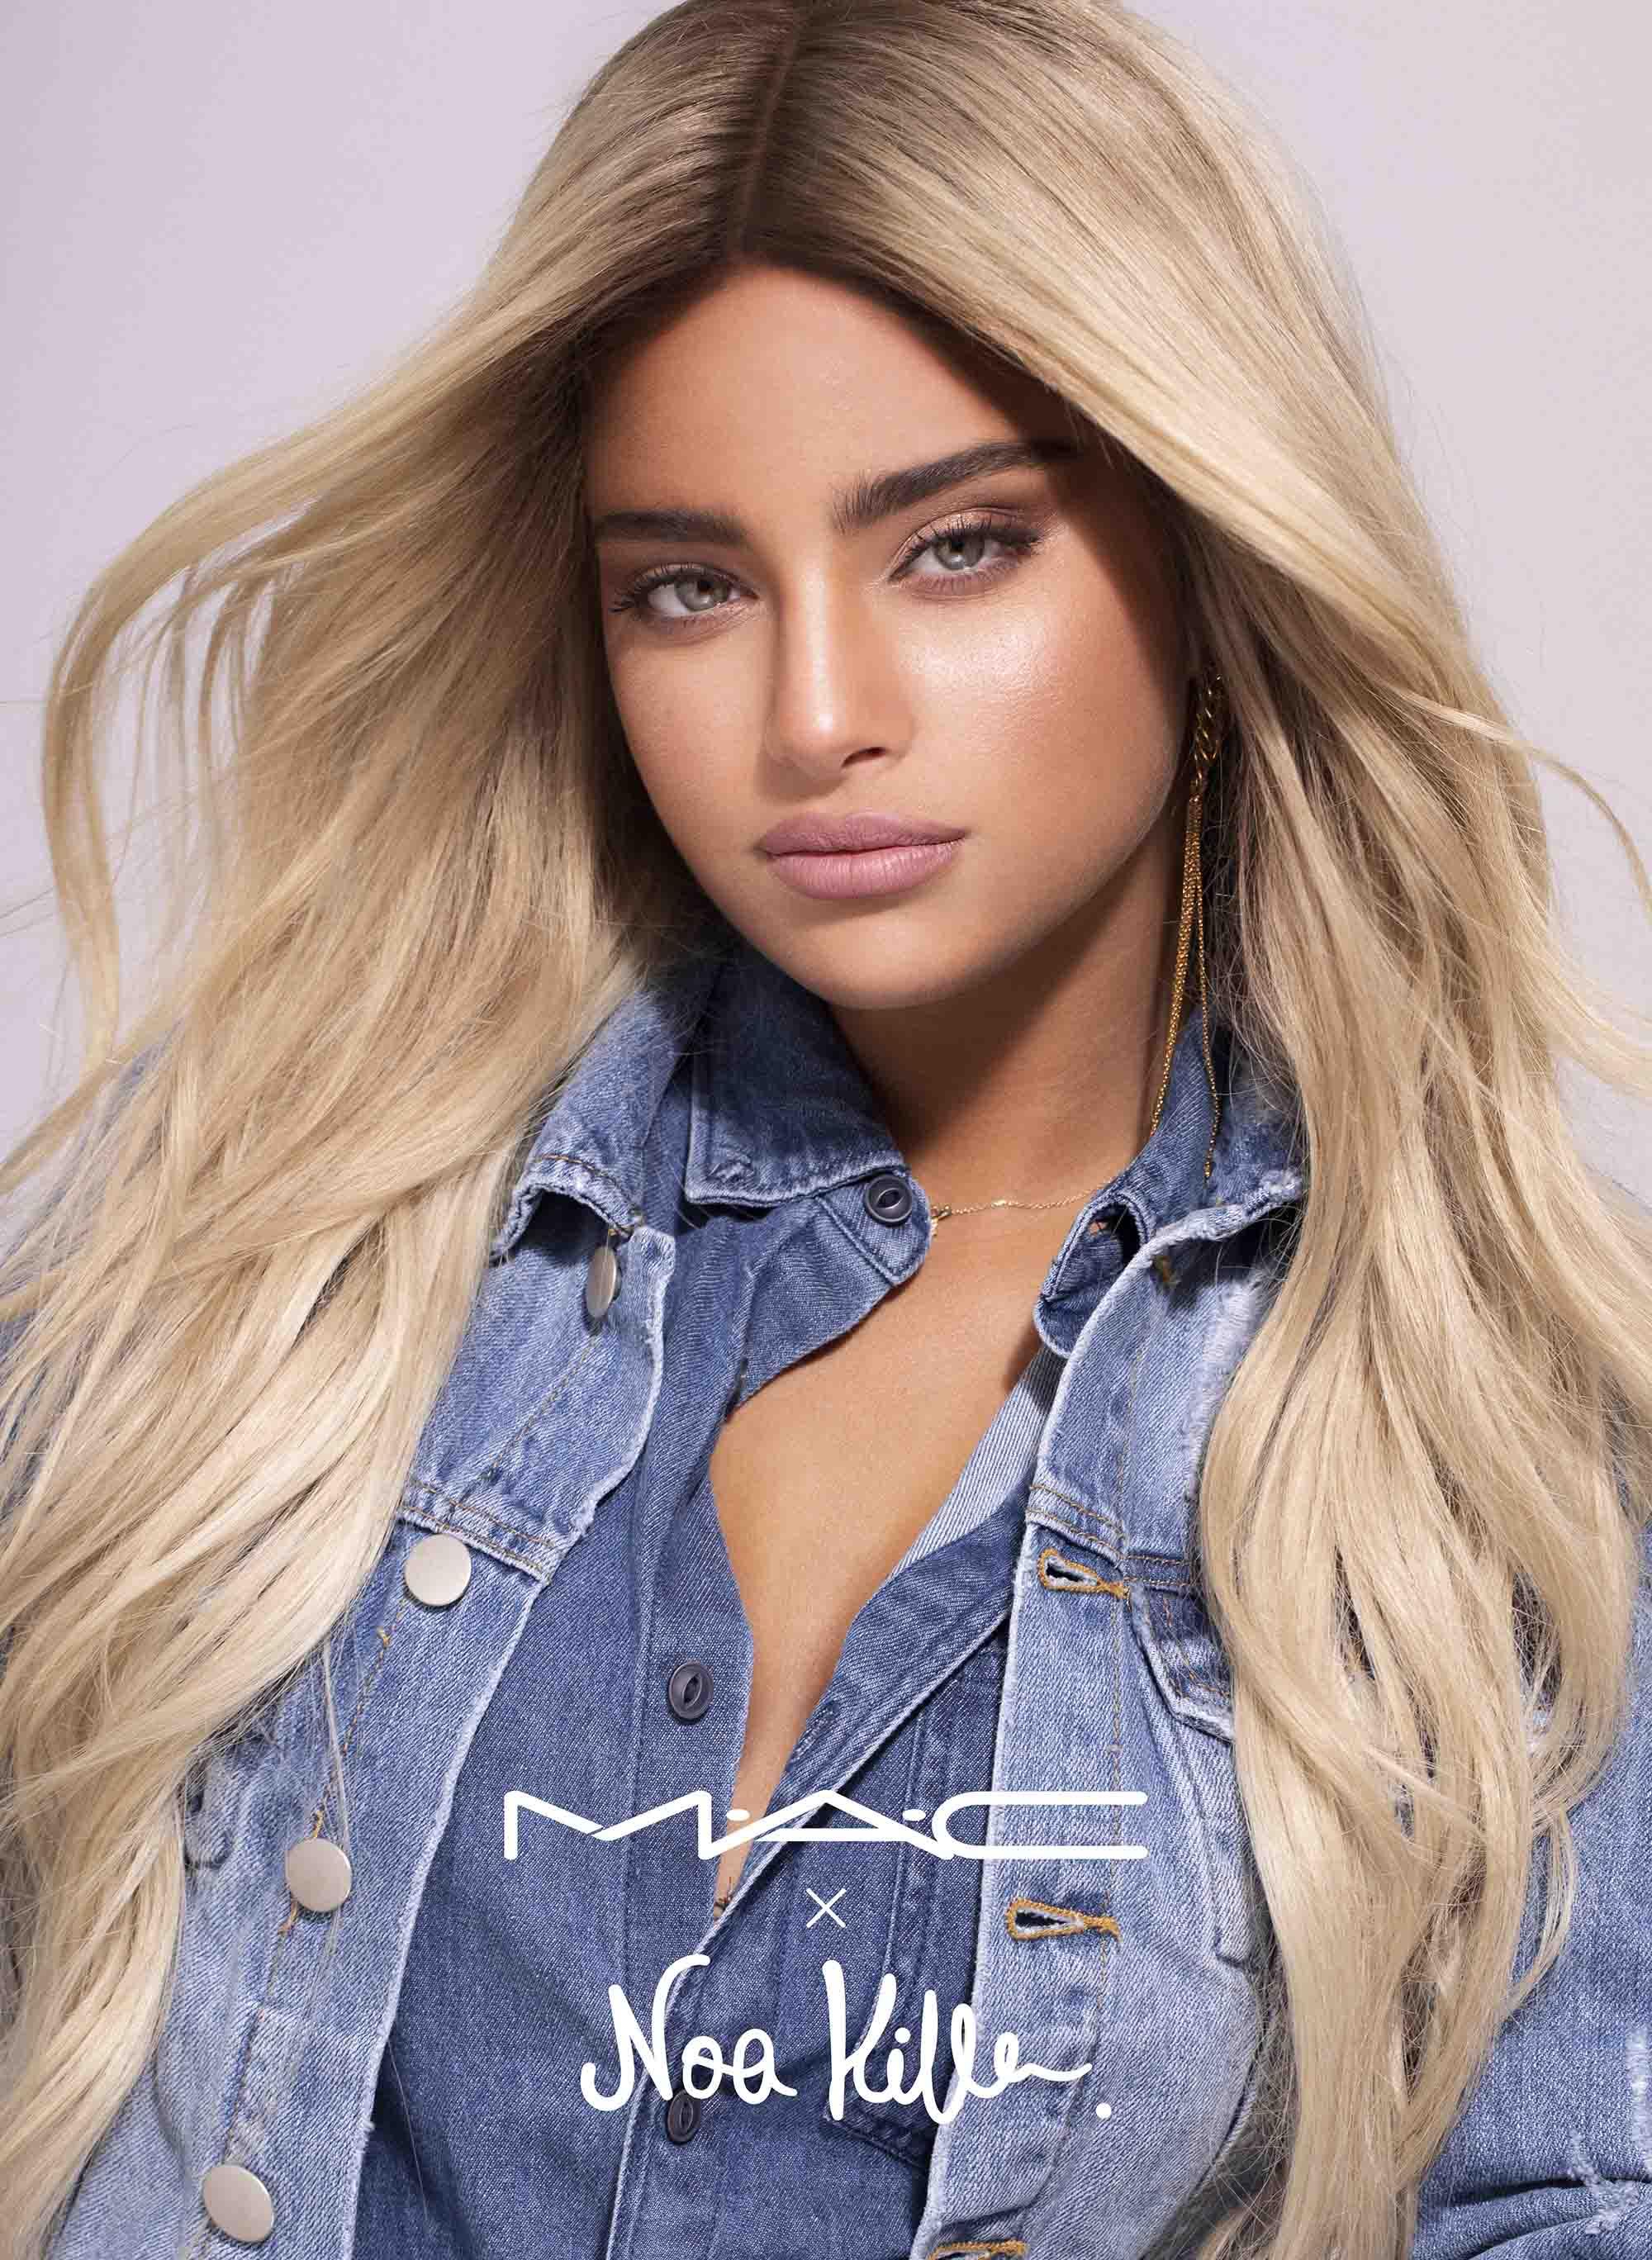 נועה קירל, איפור, אופנה, לסדרת האיפור של מאק צילום - איילת ארד1